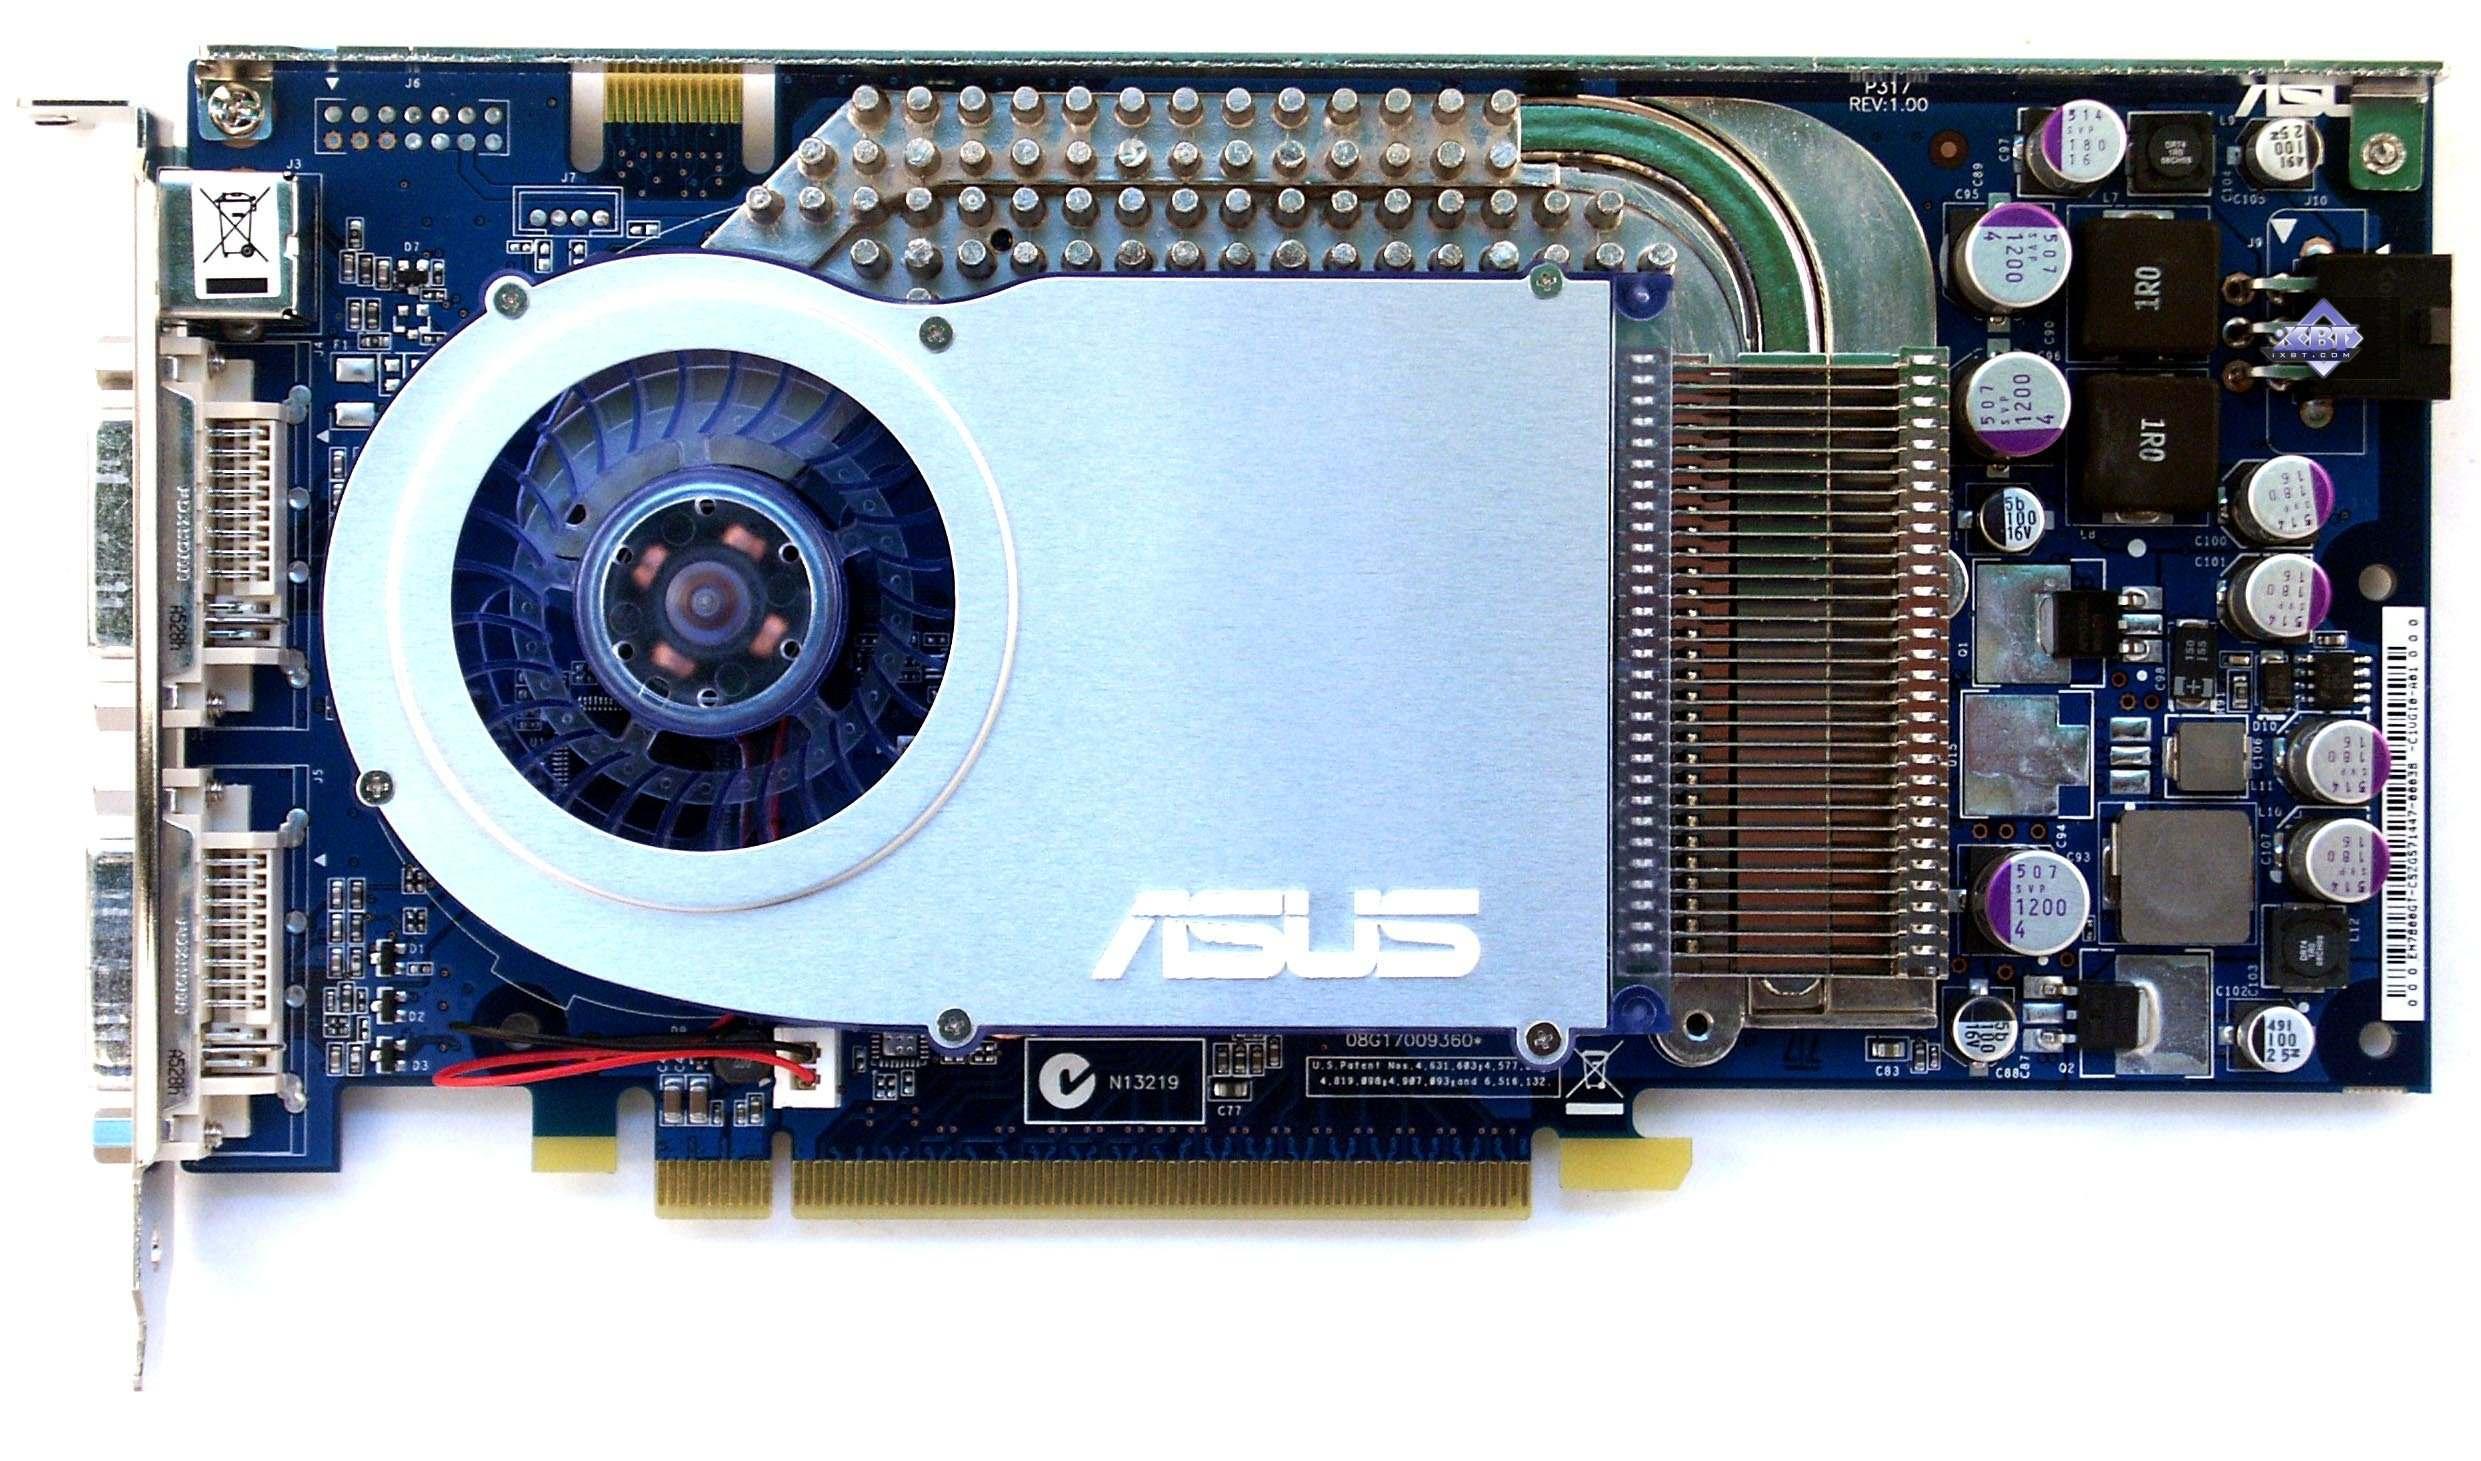 Geforce 7800 gt драйвер скачать xp